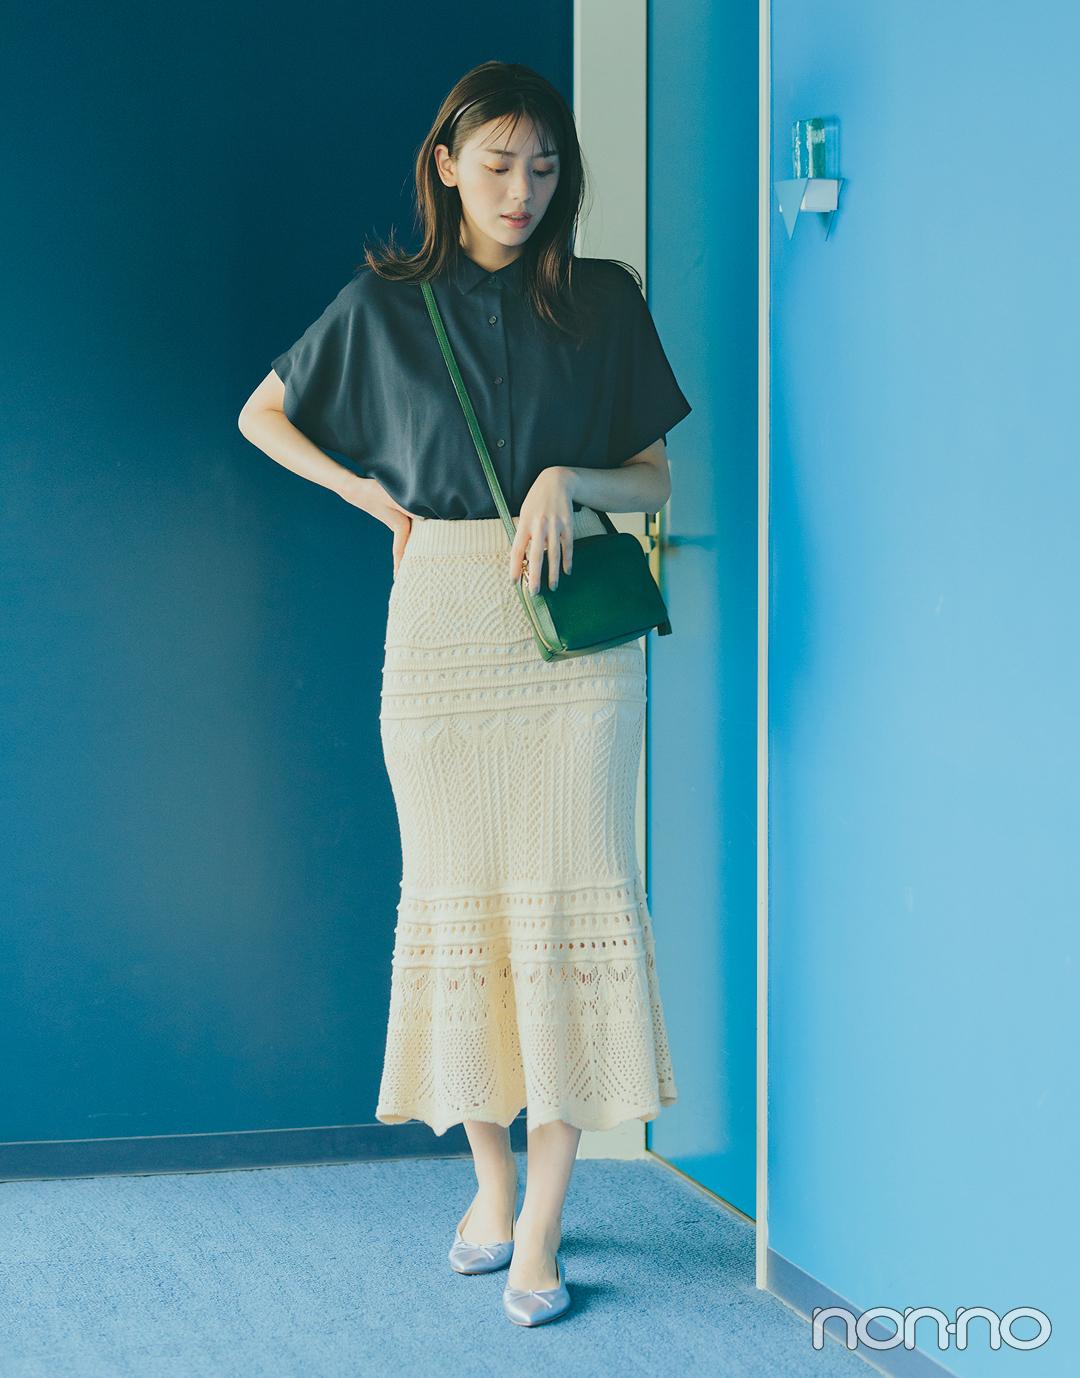 『貴島明日香』の『クロシェスカート』モデルカット4−2